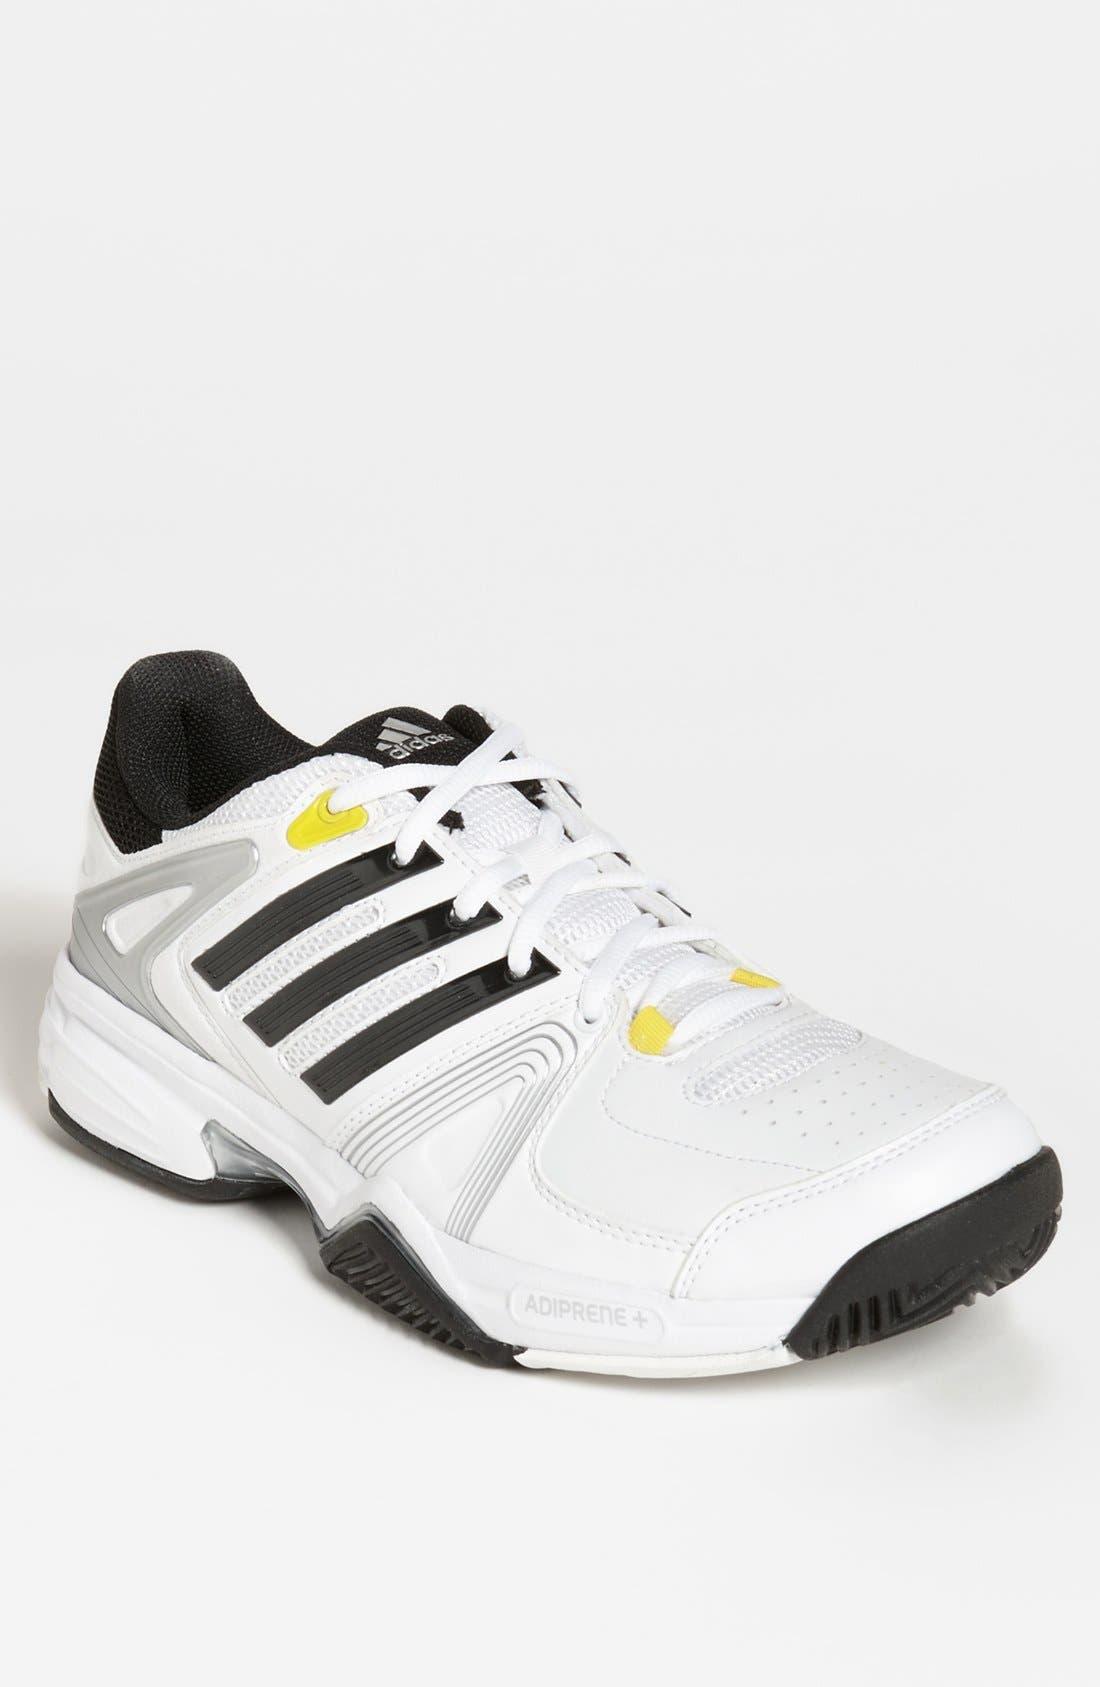 Main Image - adidas 'Response Essence' Tennis Shoe (Men)